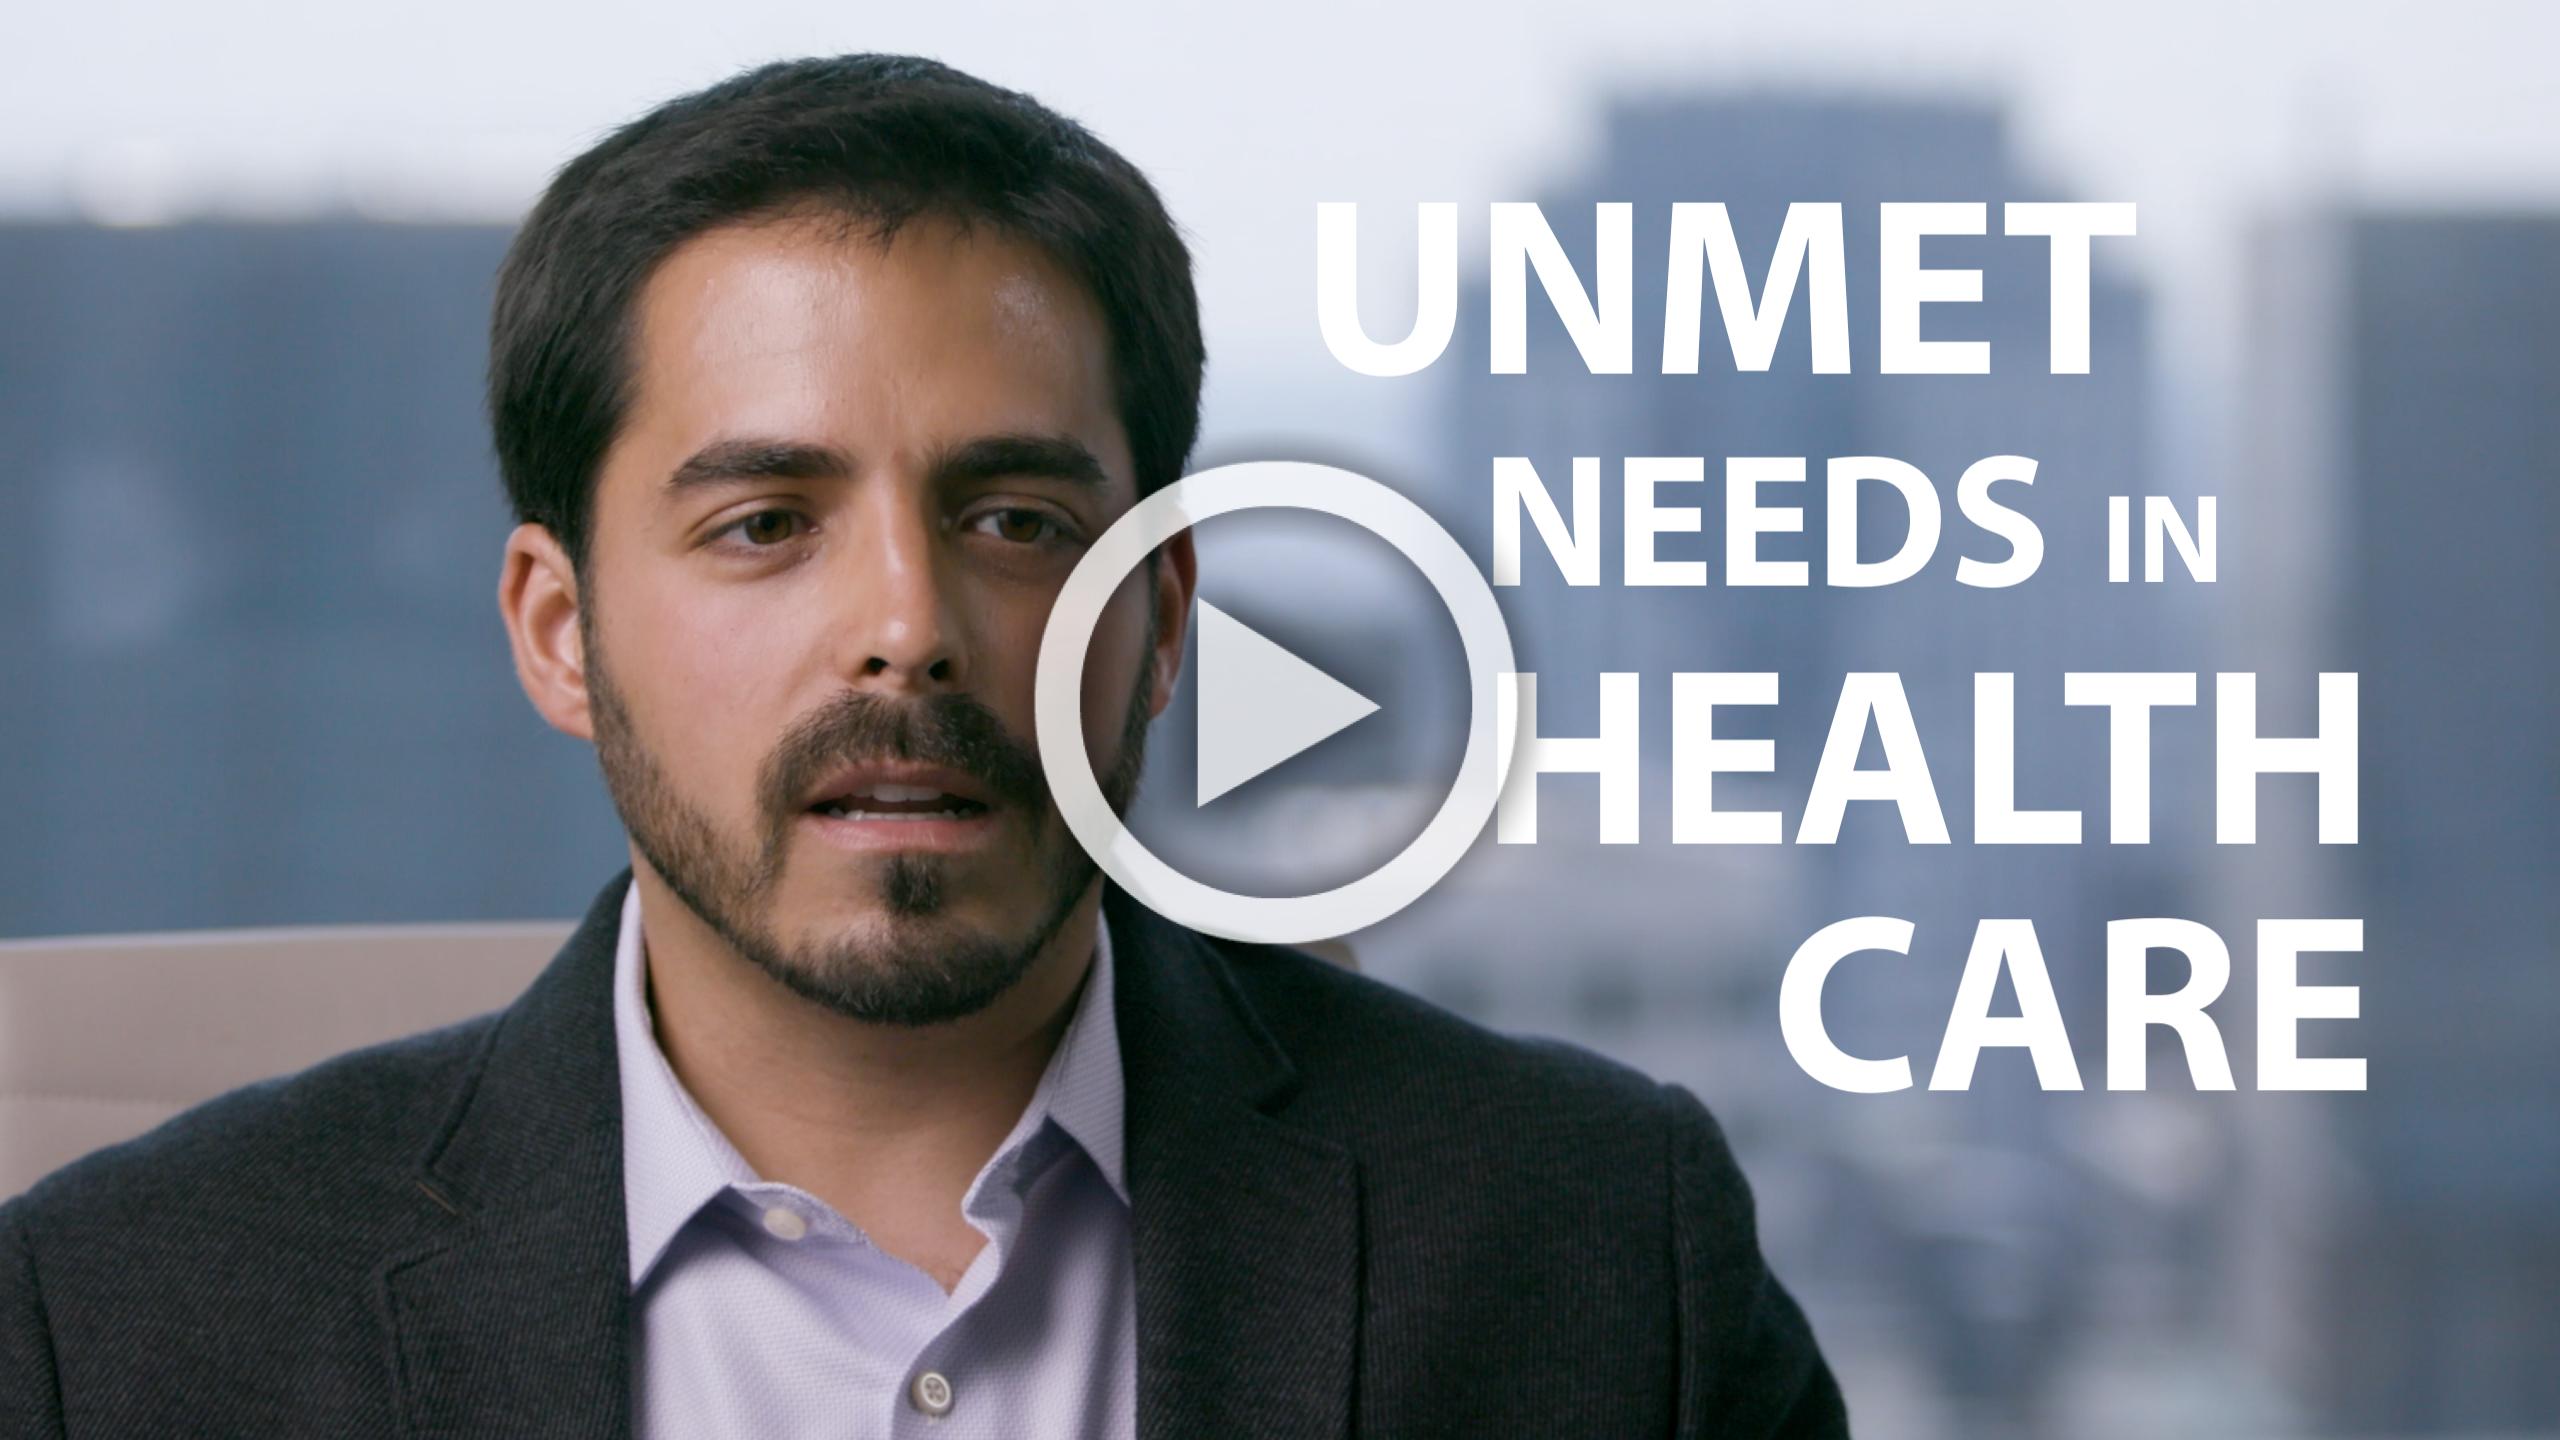 Unmet-needs-biotech-1